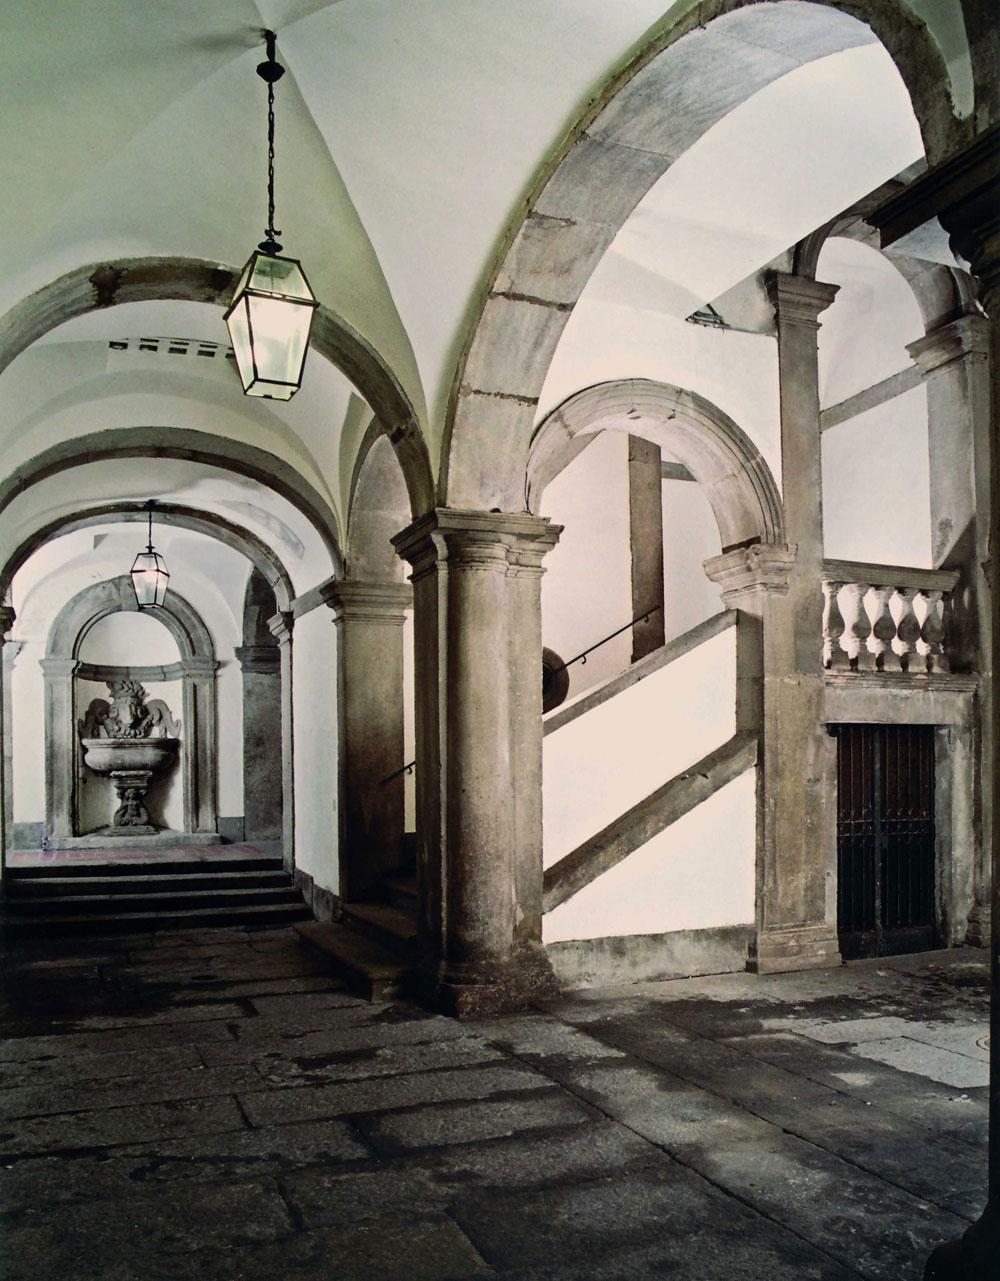 Visite guidate gratuite a Palazzo Brugiotti alla scoperta della Quadreria della Fondazione Carivit